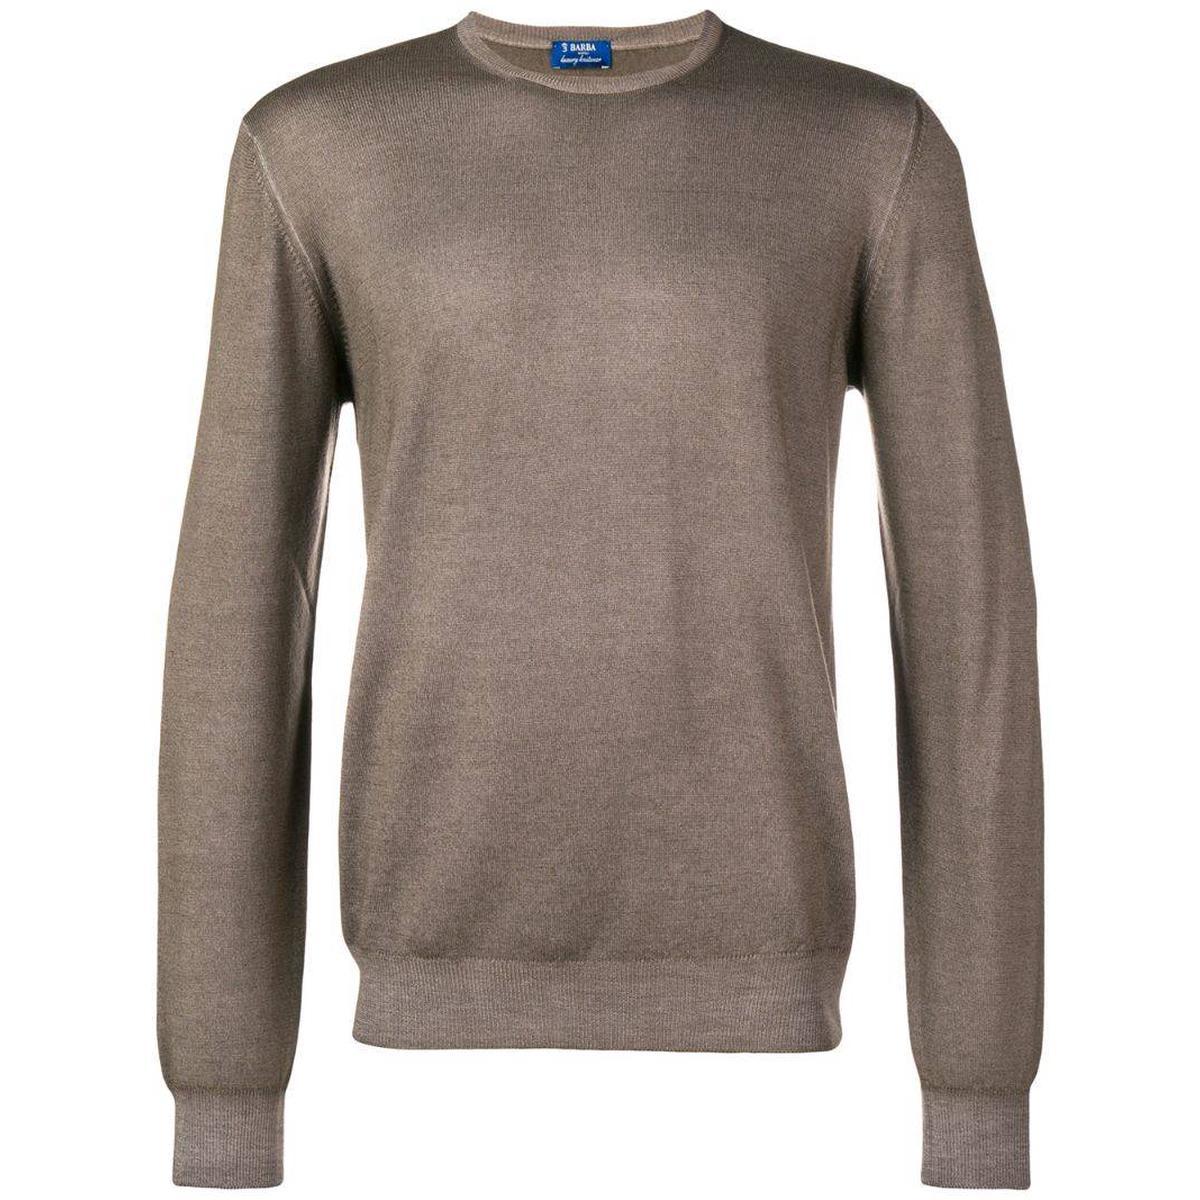 代购Barba Napoli 基本款毛衣2021新款奢侈品商务休闲针织衫中性